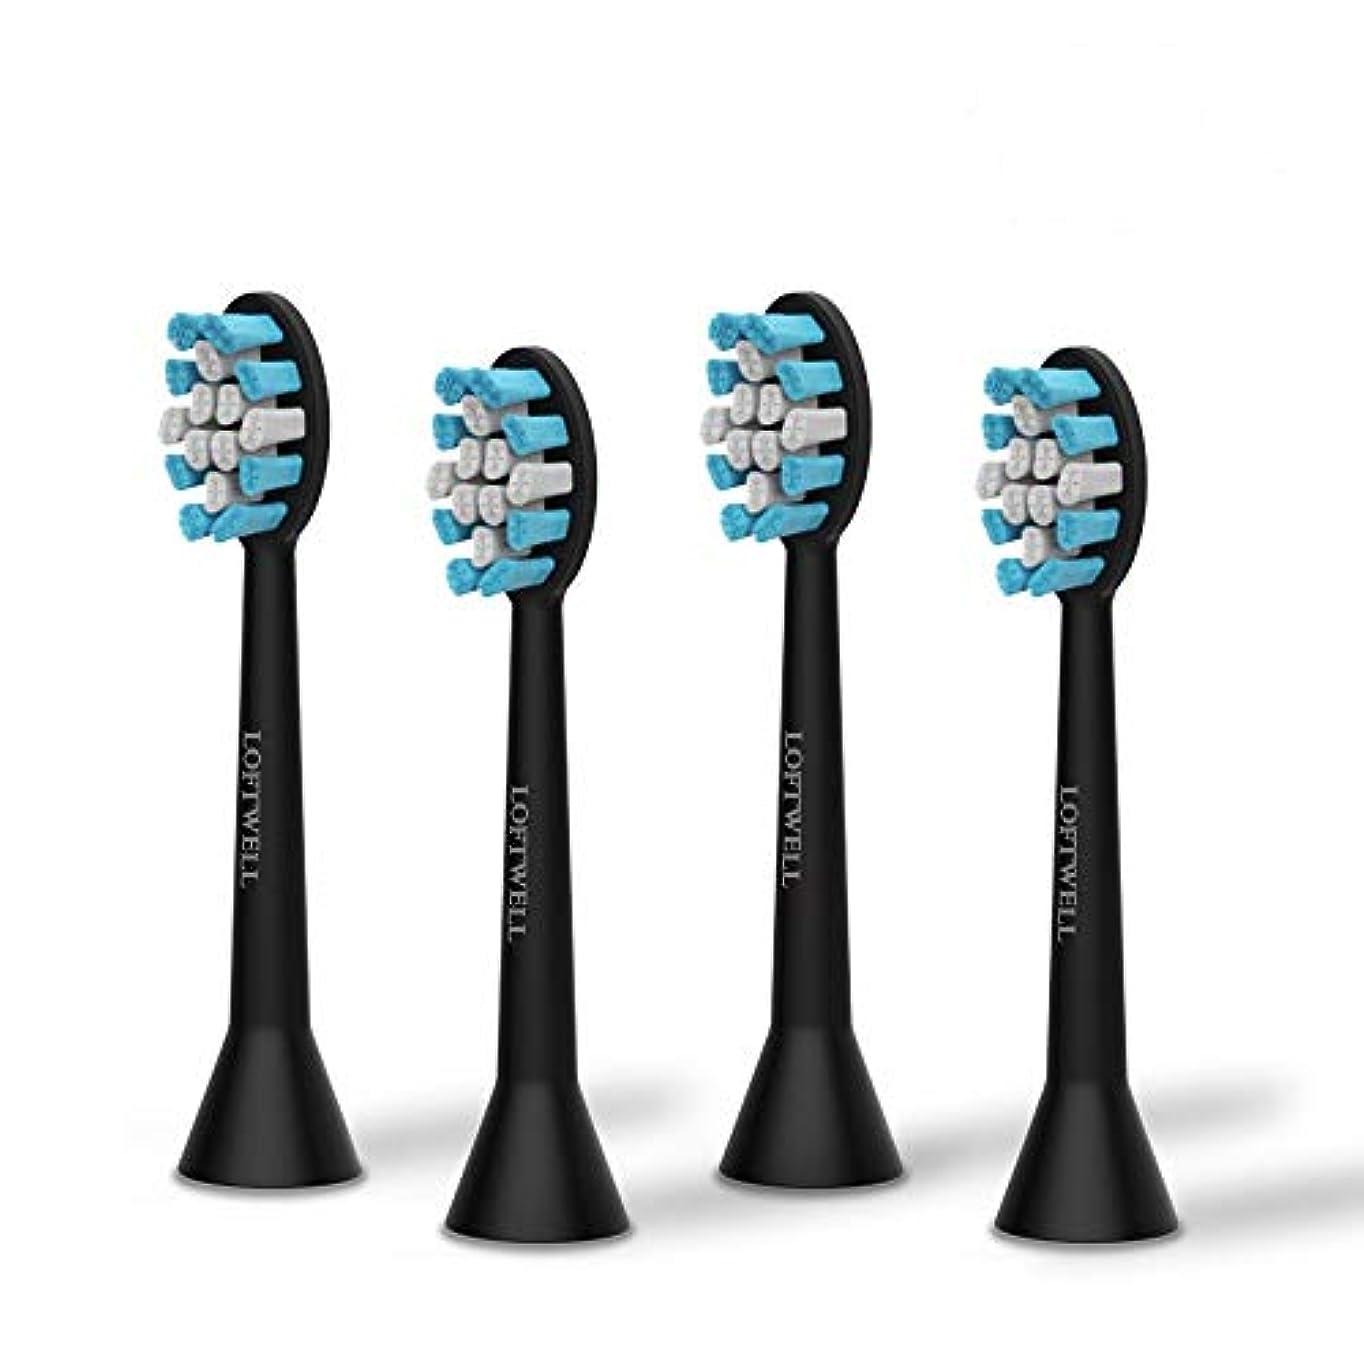 首尾一貫した健康チェリーloftwell 電動歯ブラシD5とD9通用替えブラシ 替えブラシ 4本入れ